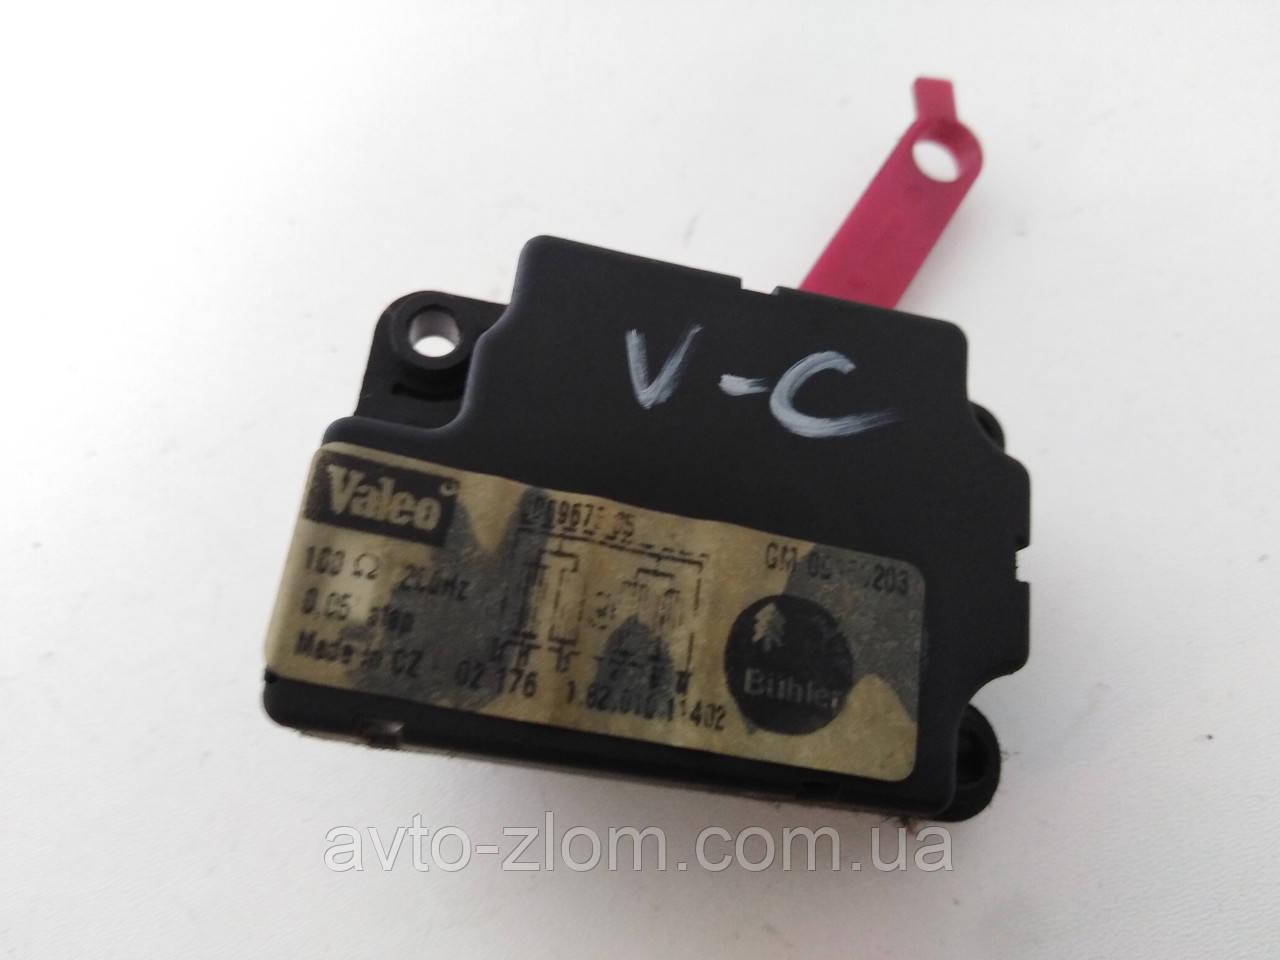 Моторчик, привод заслонки печки Opel Vectra C, Опель Вектра Ц. 09180203.